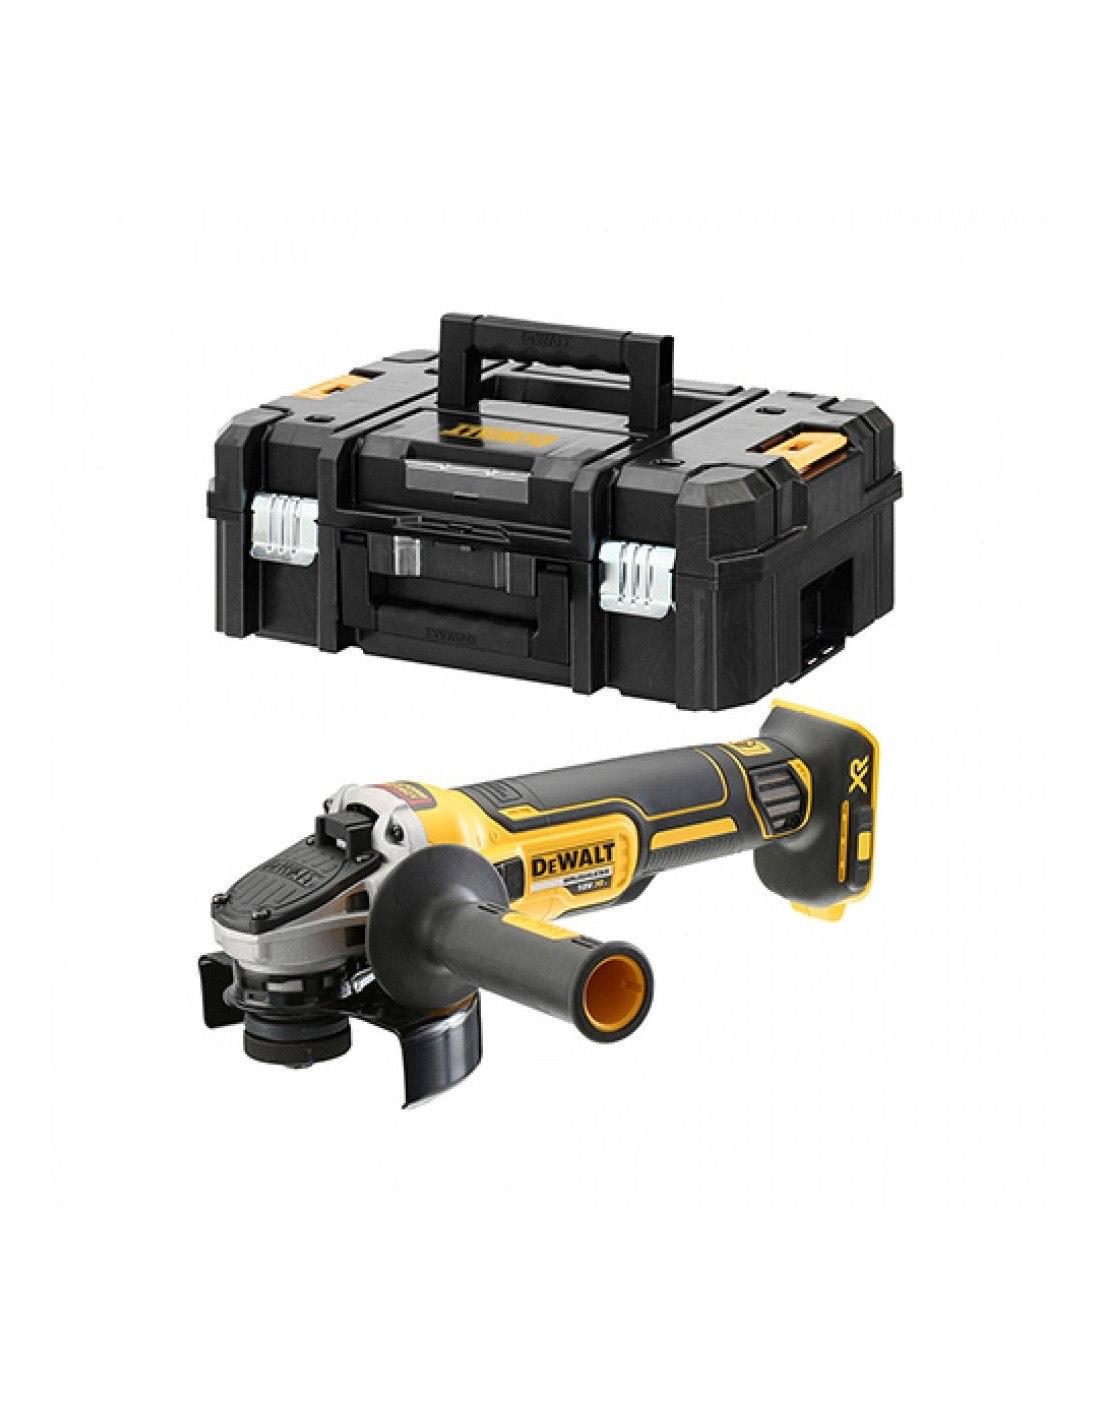 Meuleuse XR 18V 125 mm (machine seule) en coffret T-STAK - DEWALT - DCG405NT